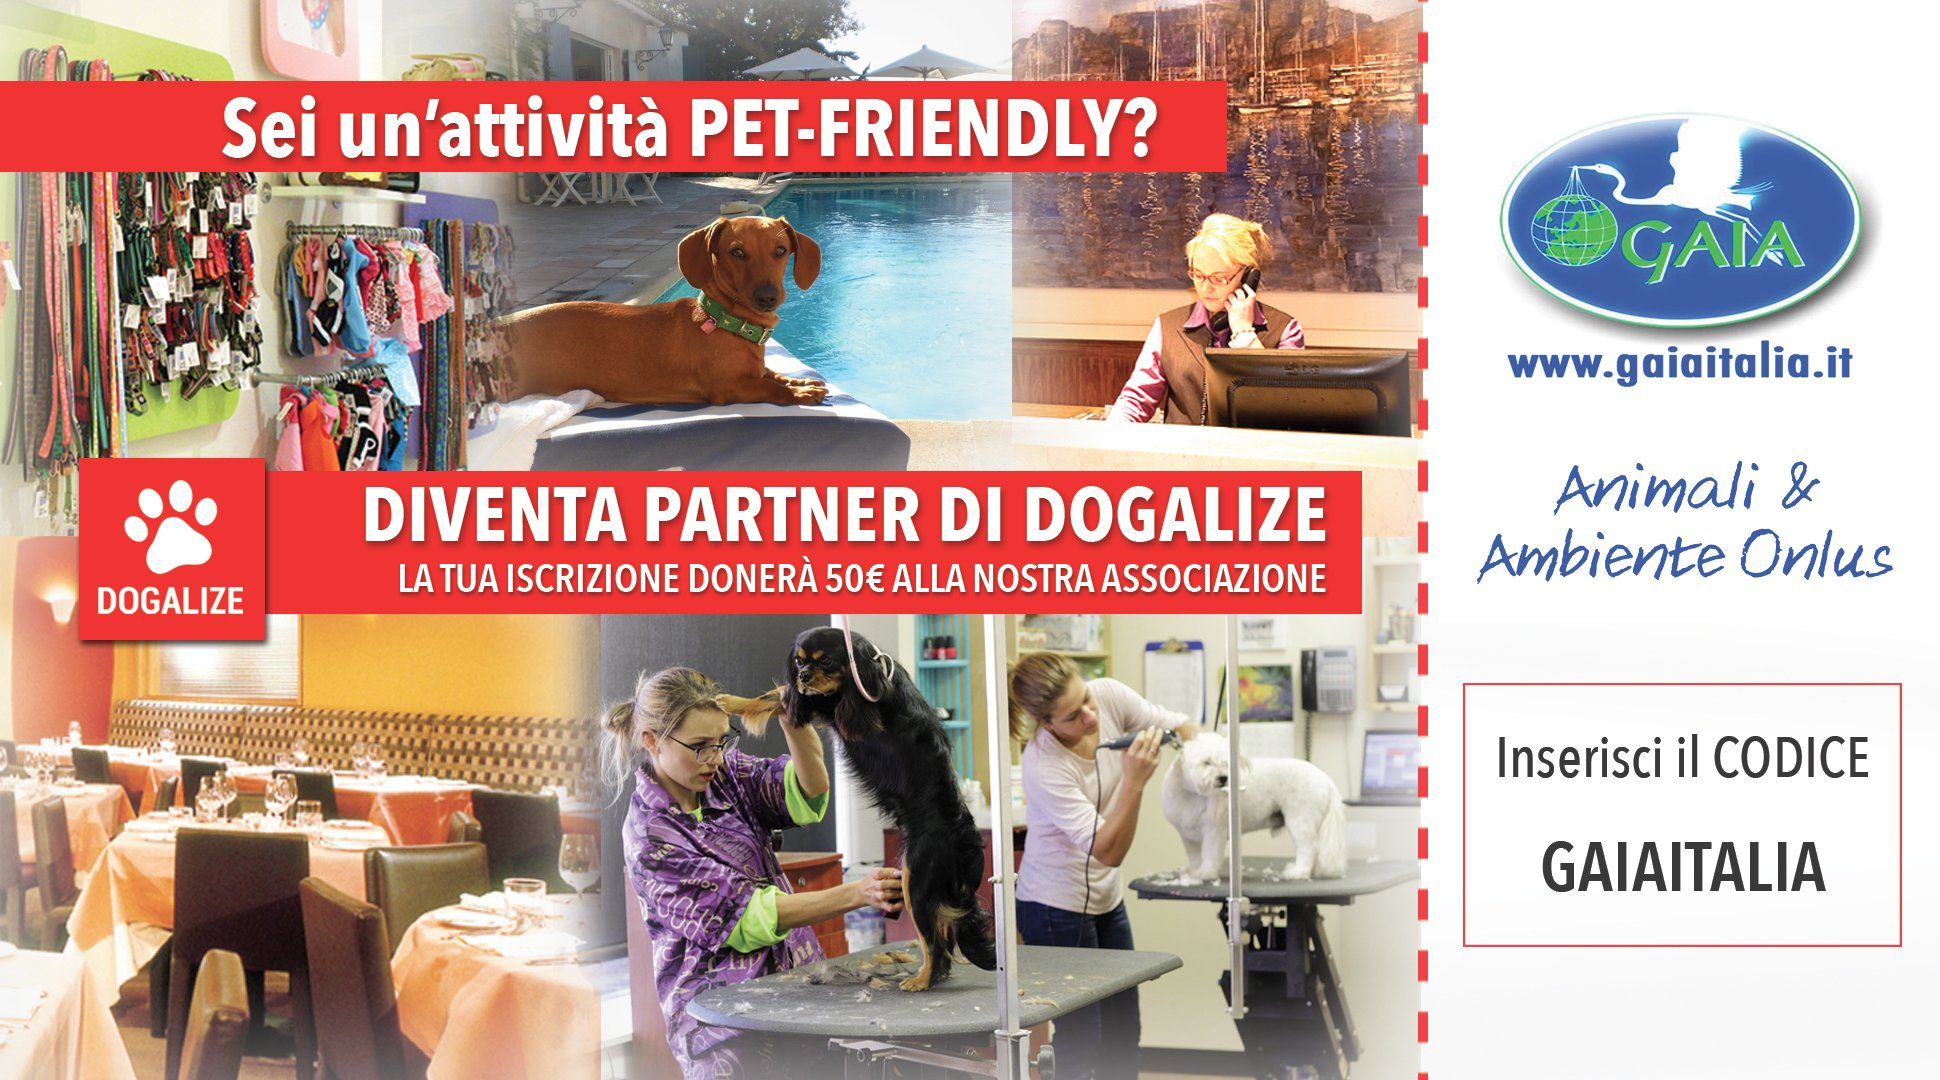 gaia-animali-ambiente-aiutaci-ad-aiutare-associazione-per-animali